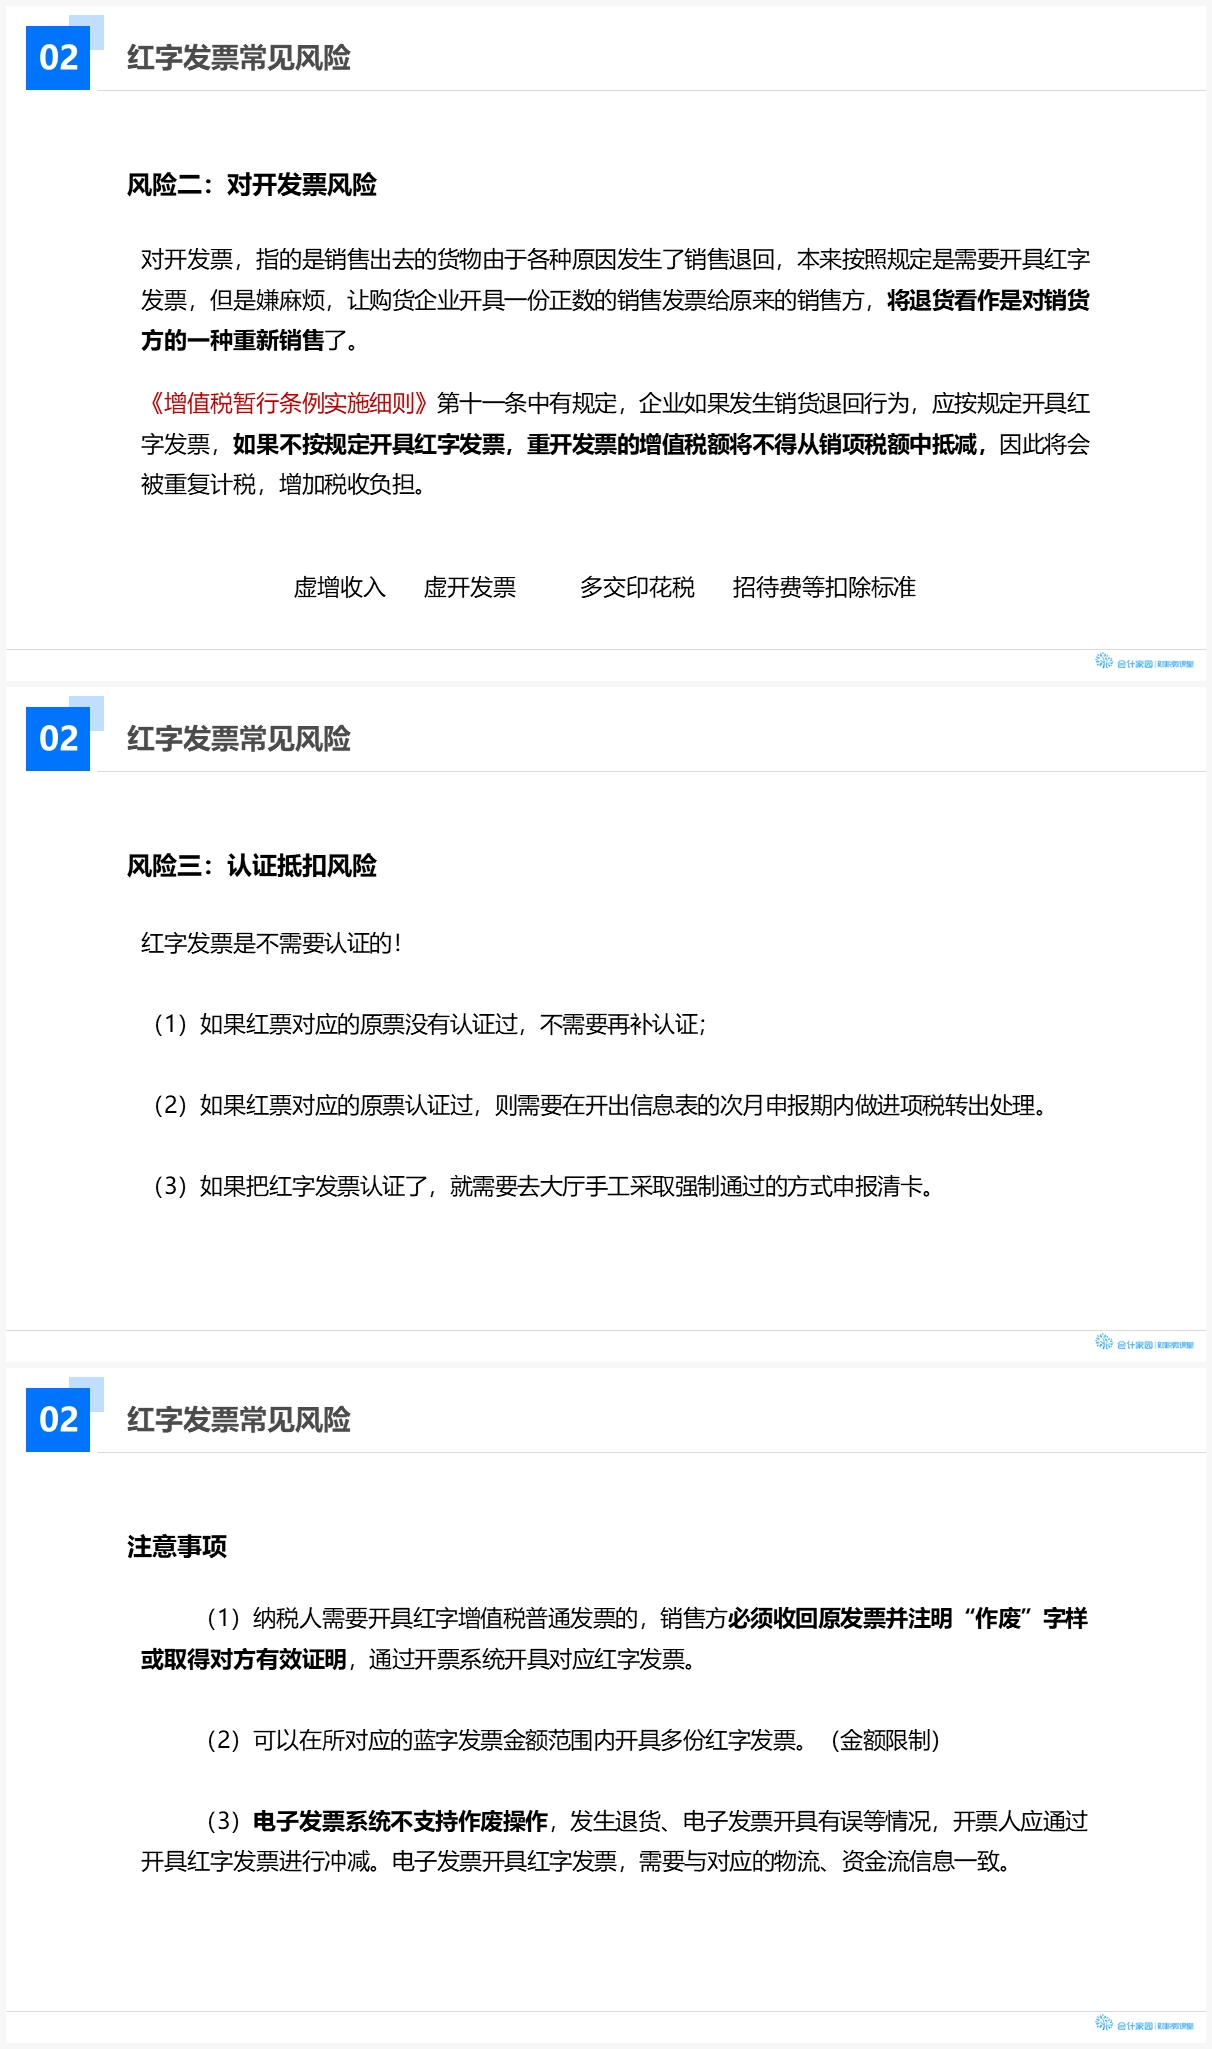 【9-16】30分钟应对增值税红字发票难题c.jpg